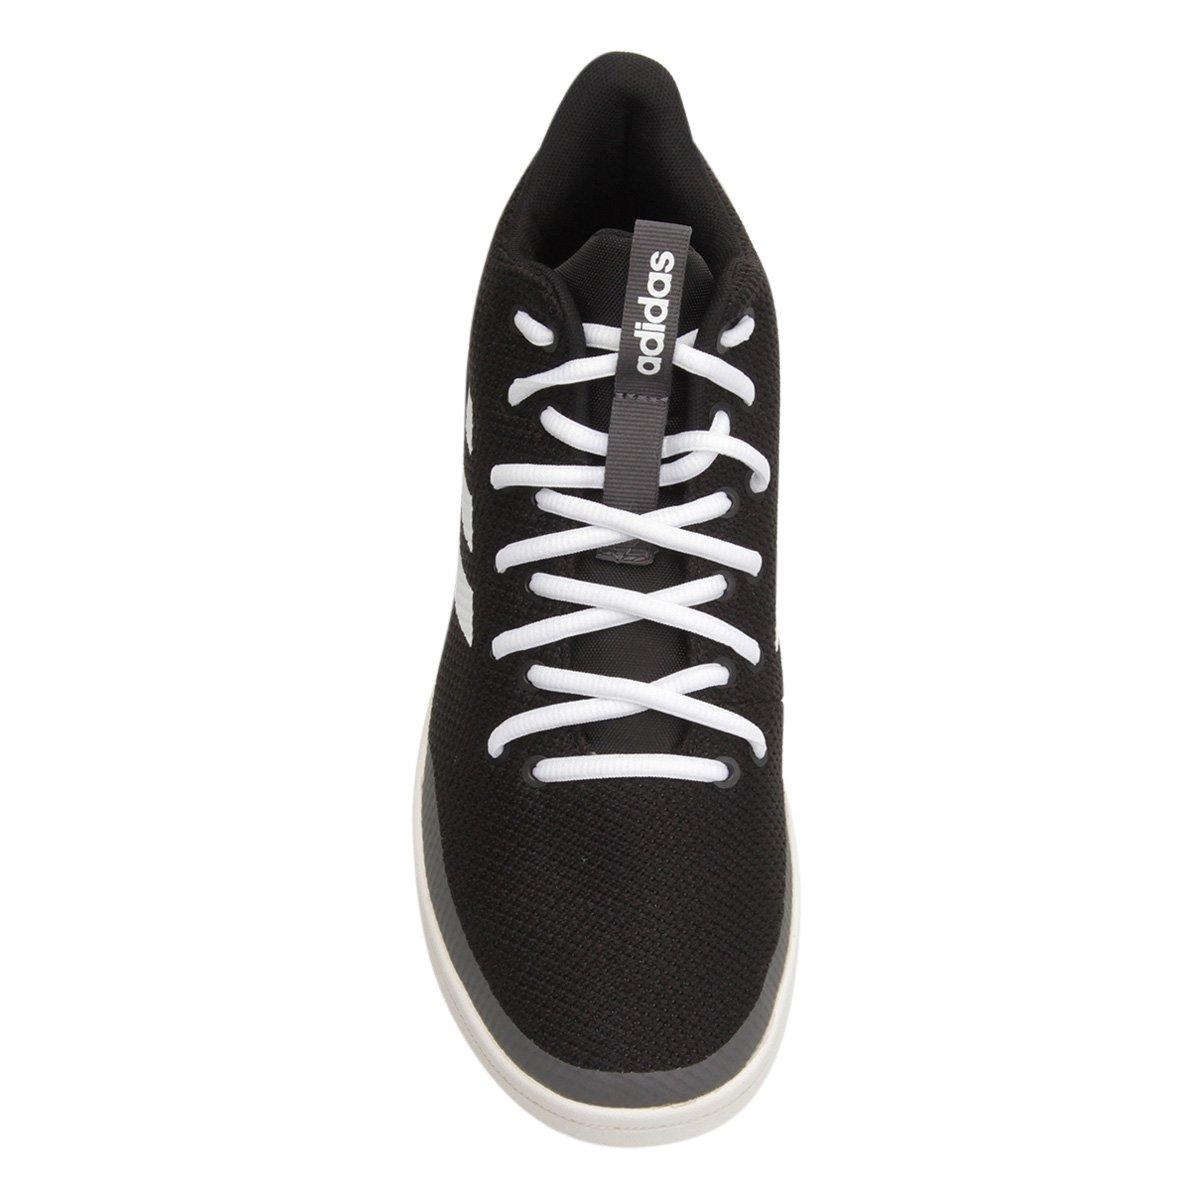 Tênis Adidas Retro Bball Masculino - Cinza - Compre Agora  af6df1456b467